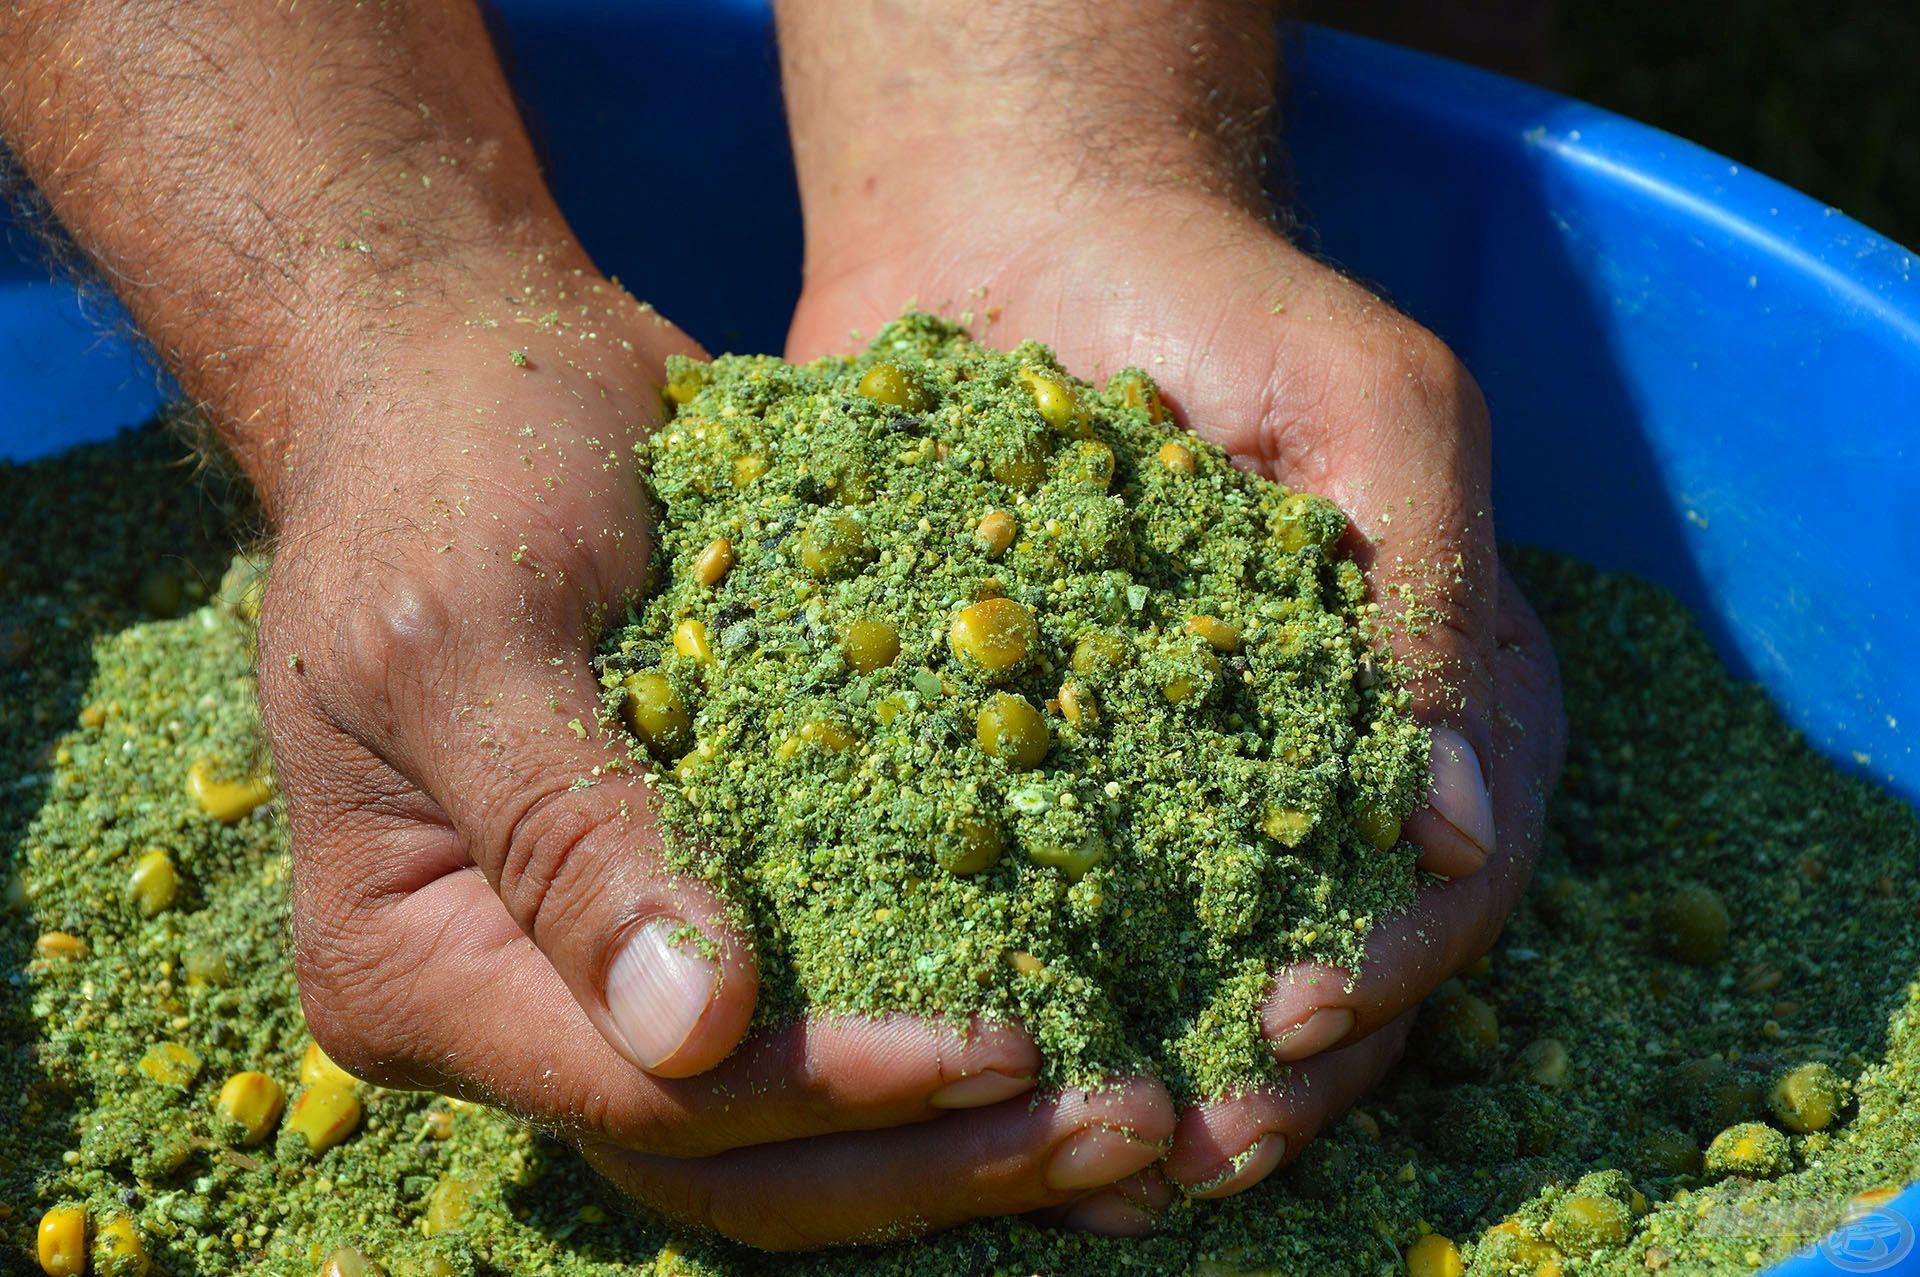 Ezt megszagolva egyszerre érezhető a frissen kaszált lucerna és a természetes erjedés folyamatának illata, a hozzáadott magvakkal pedig bőséges beltartalommal is rendelkezik